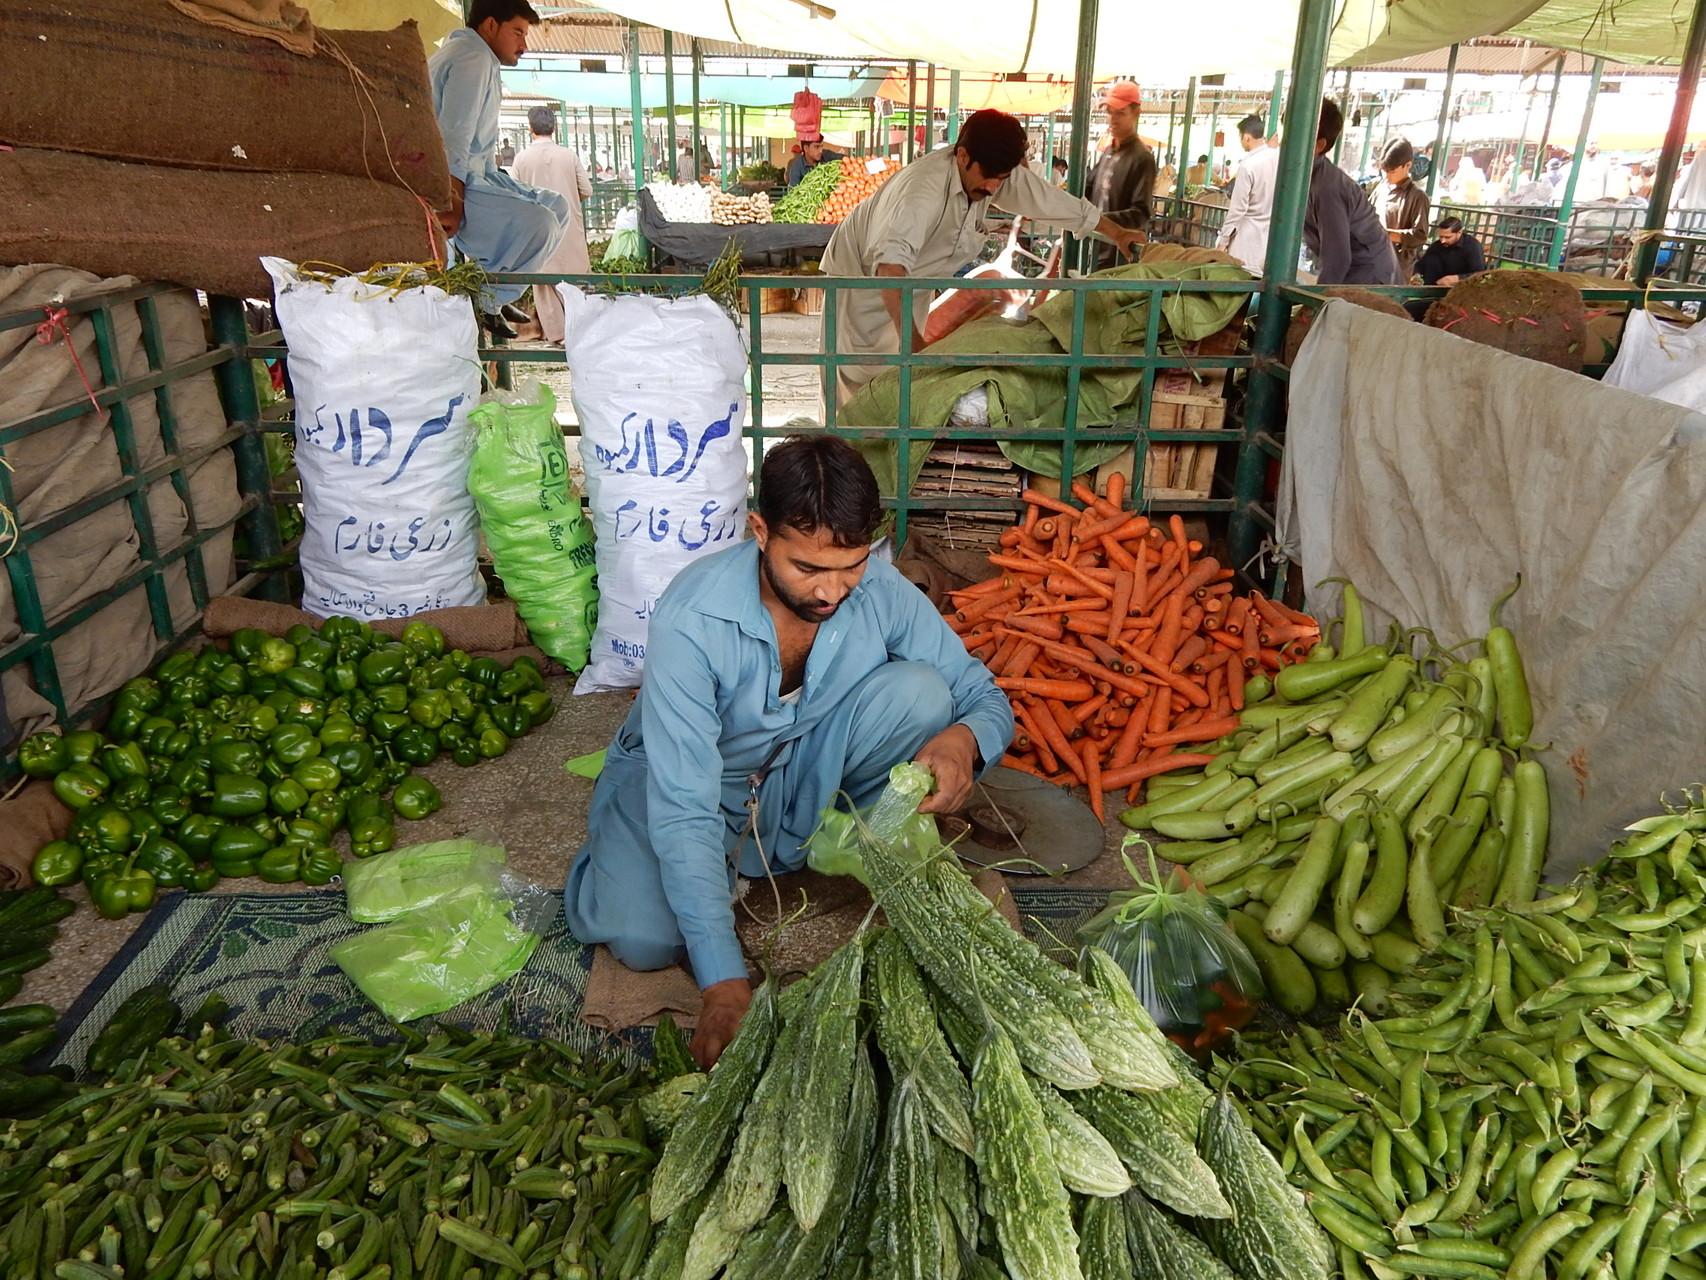 金曜野菜市場。たくさんの種類の野菜がある。